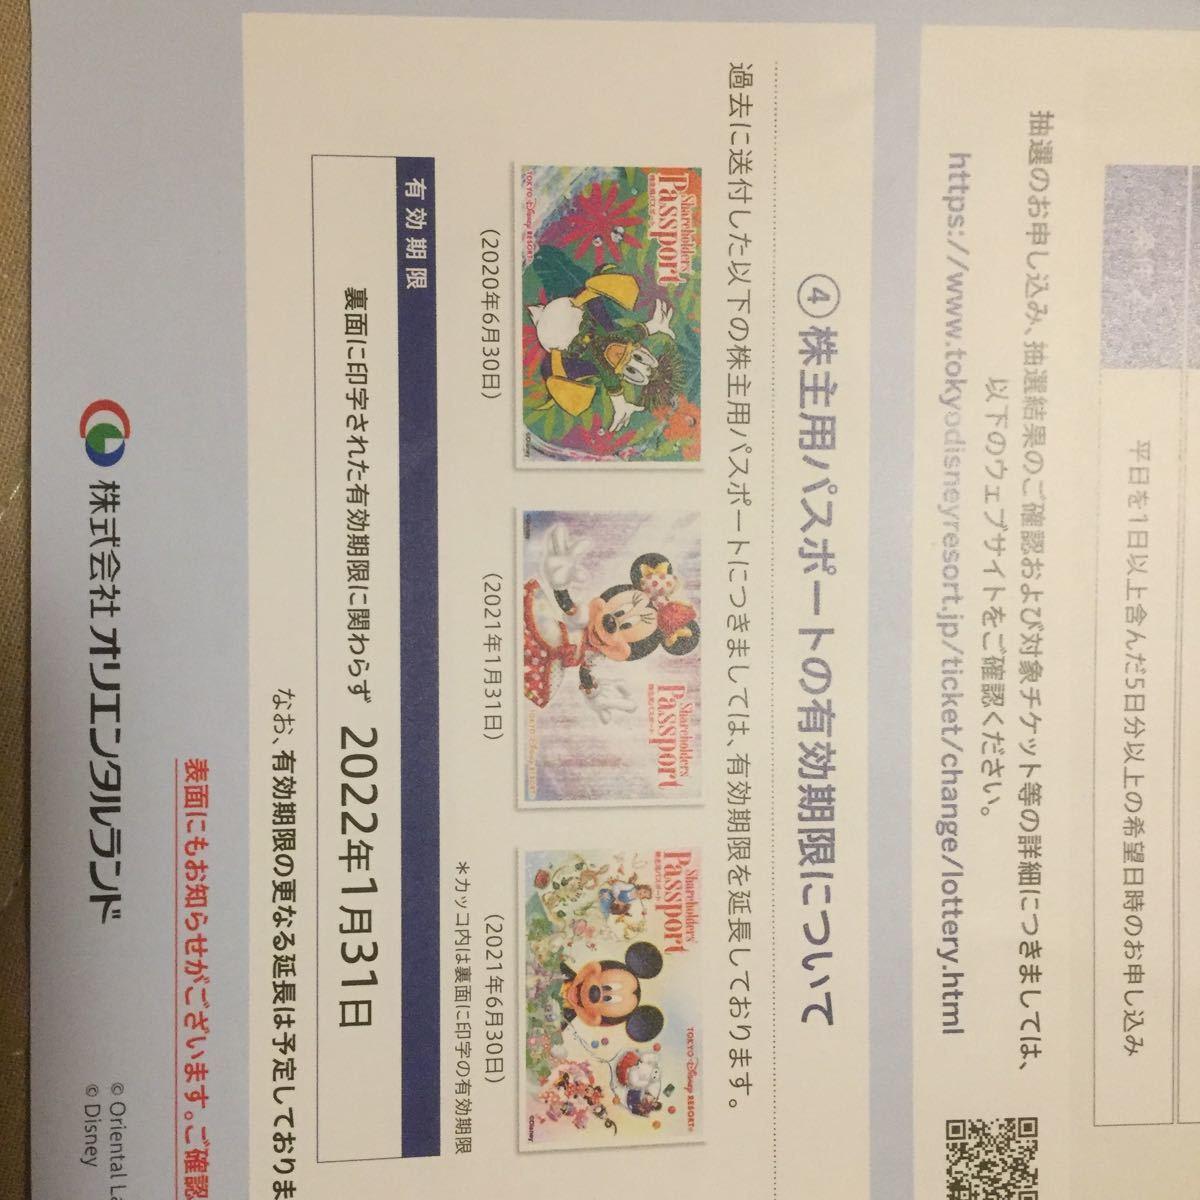 東京ディズニーランド、ディズニーシー 株主優待チケット ペア_画像3